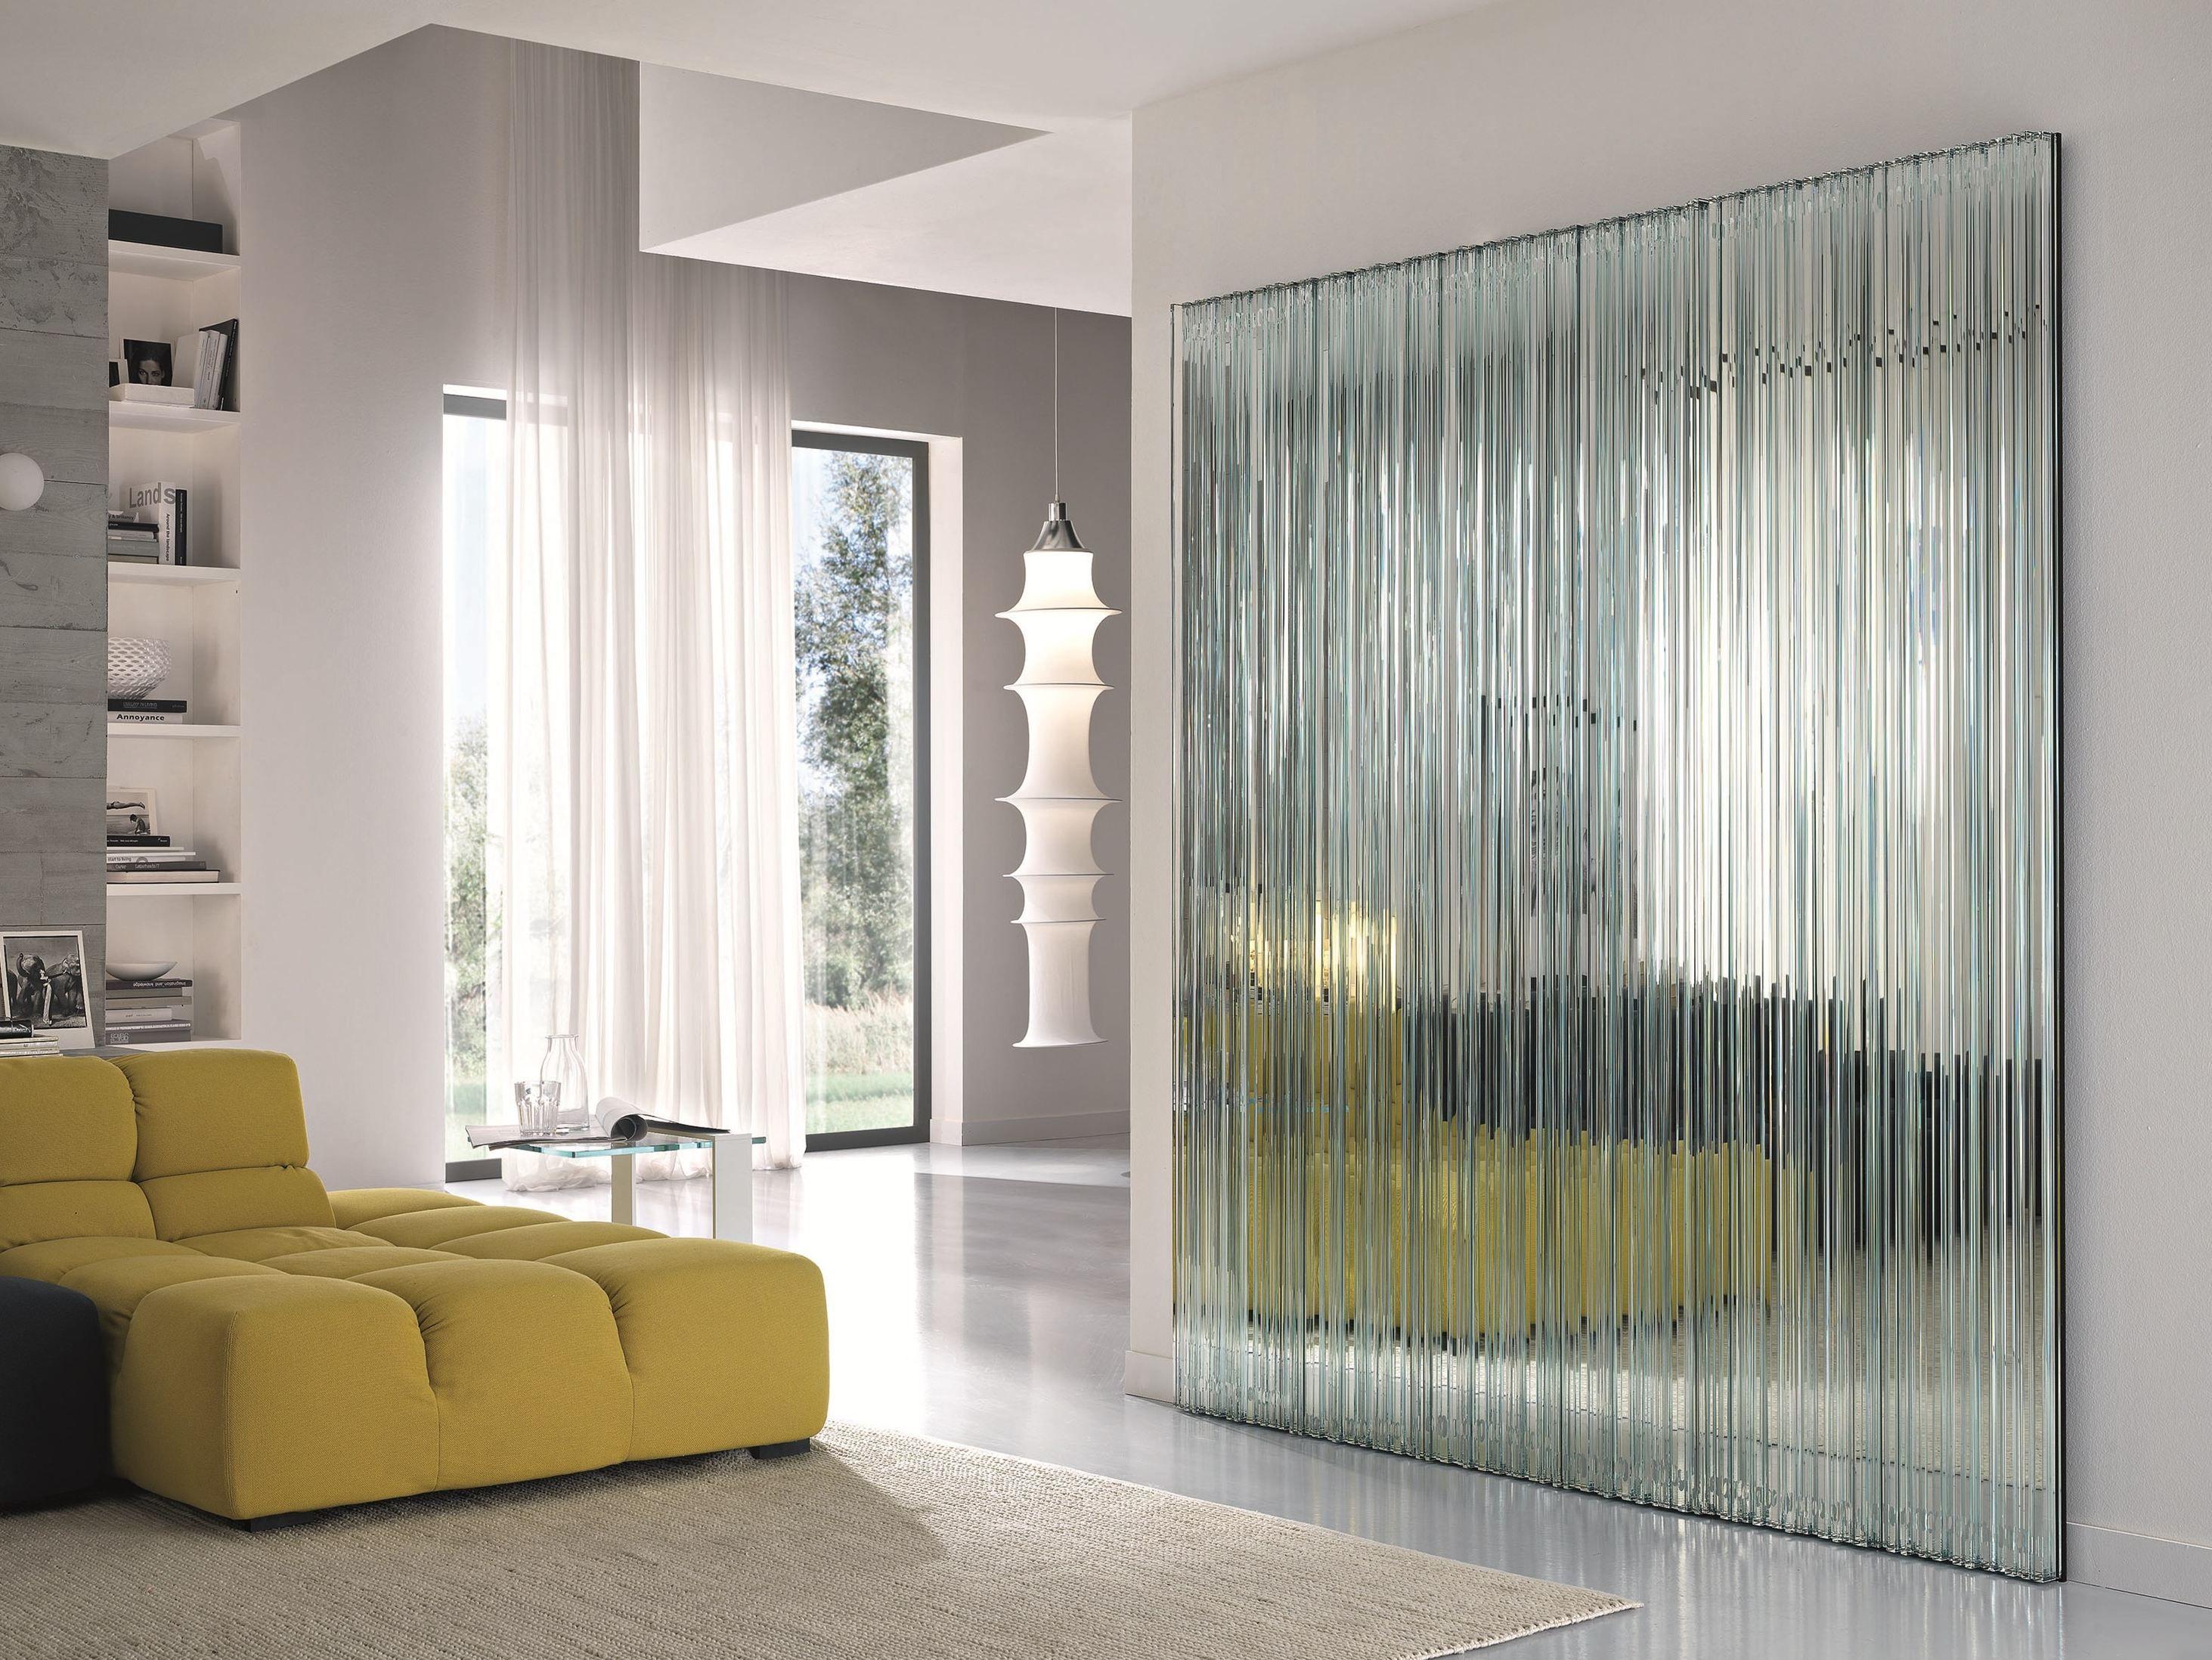 hall mirror design Giovanni Tommaso Garattoni Vu By t.d. tonelli ...